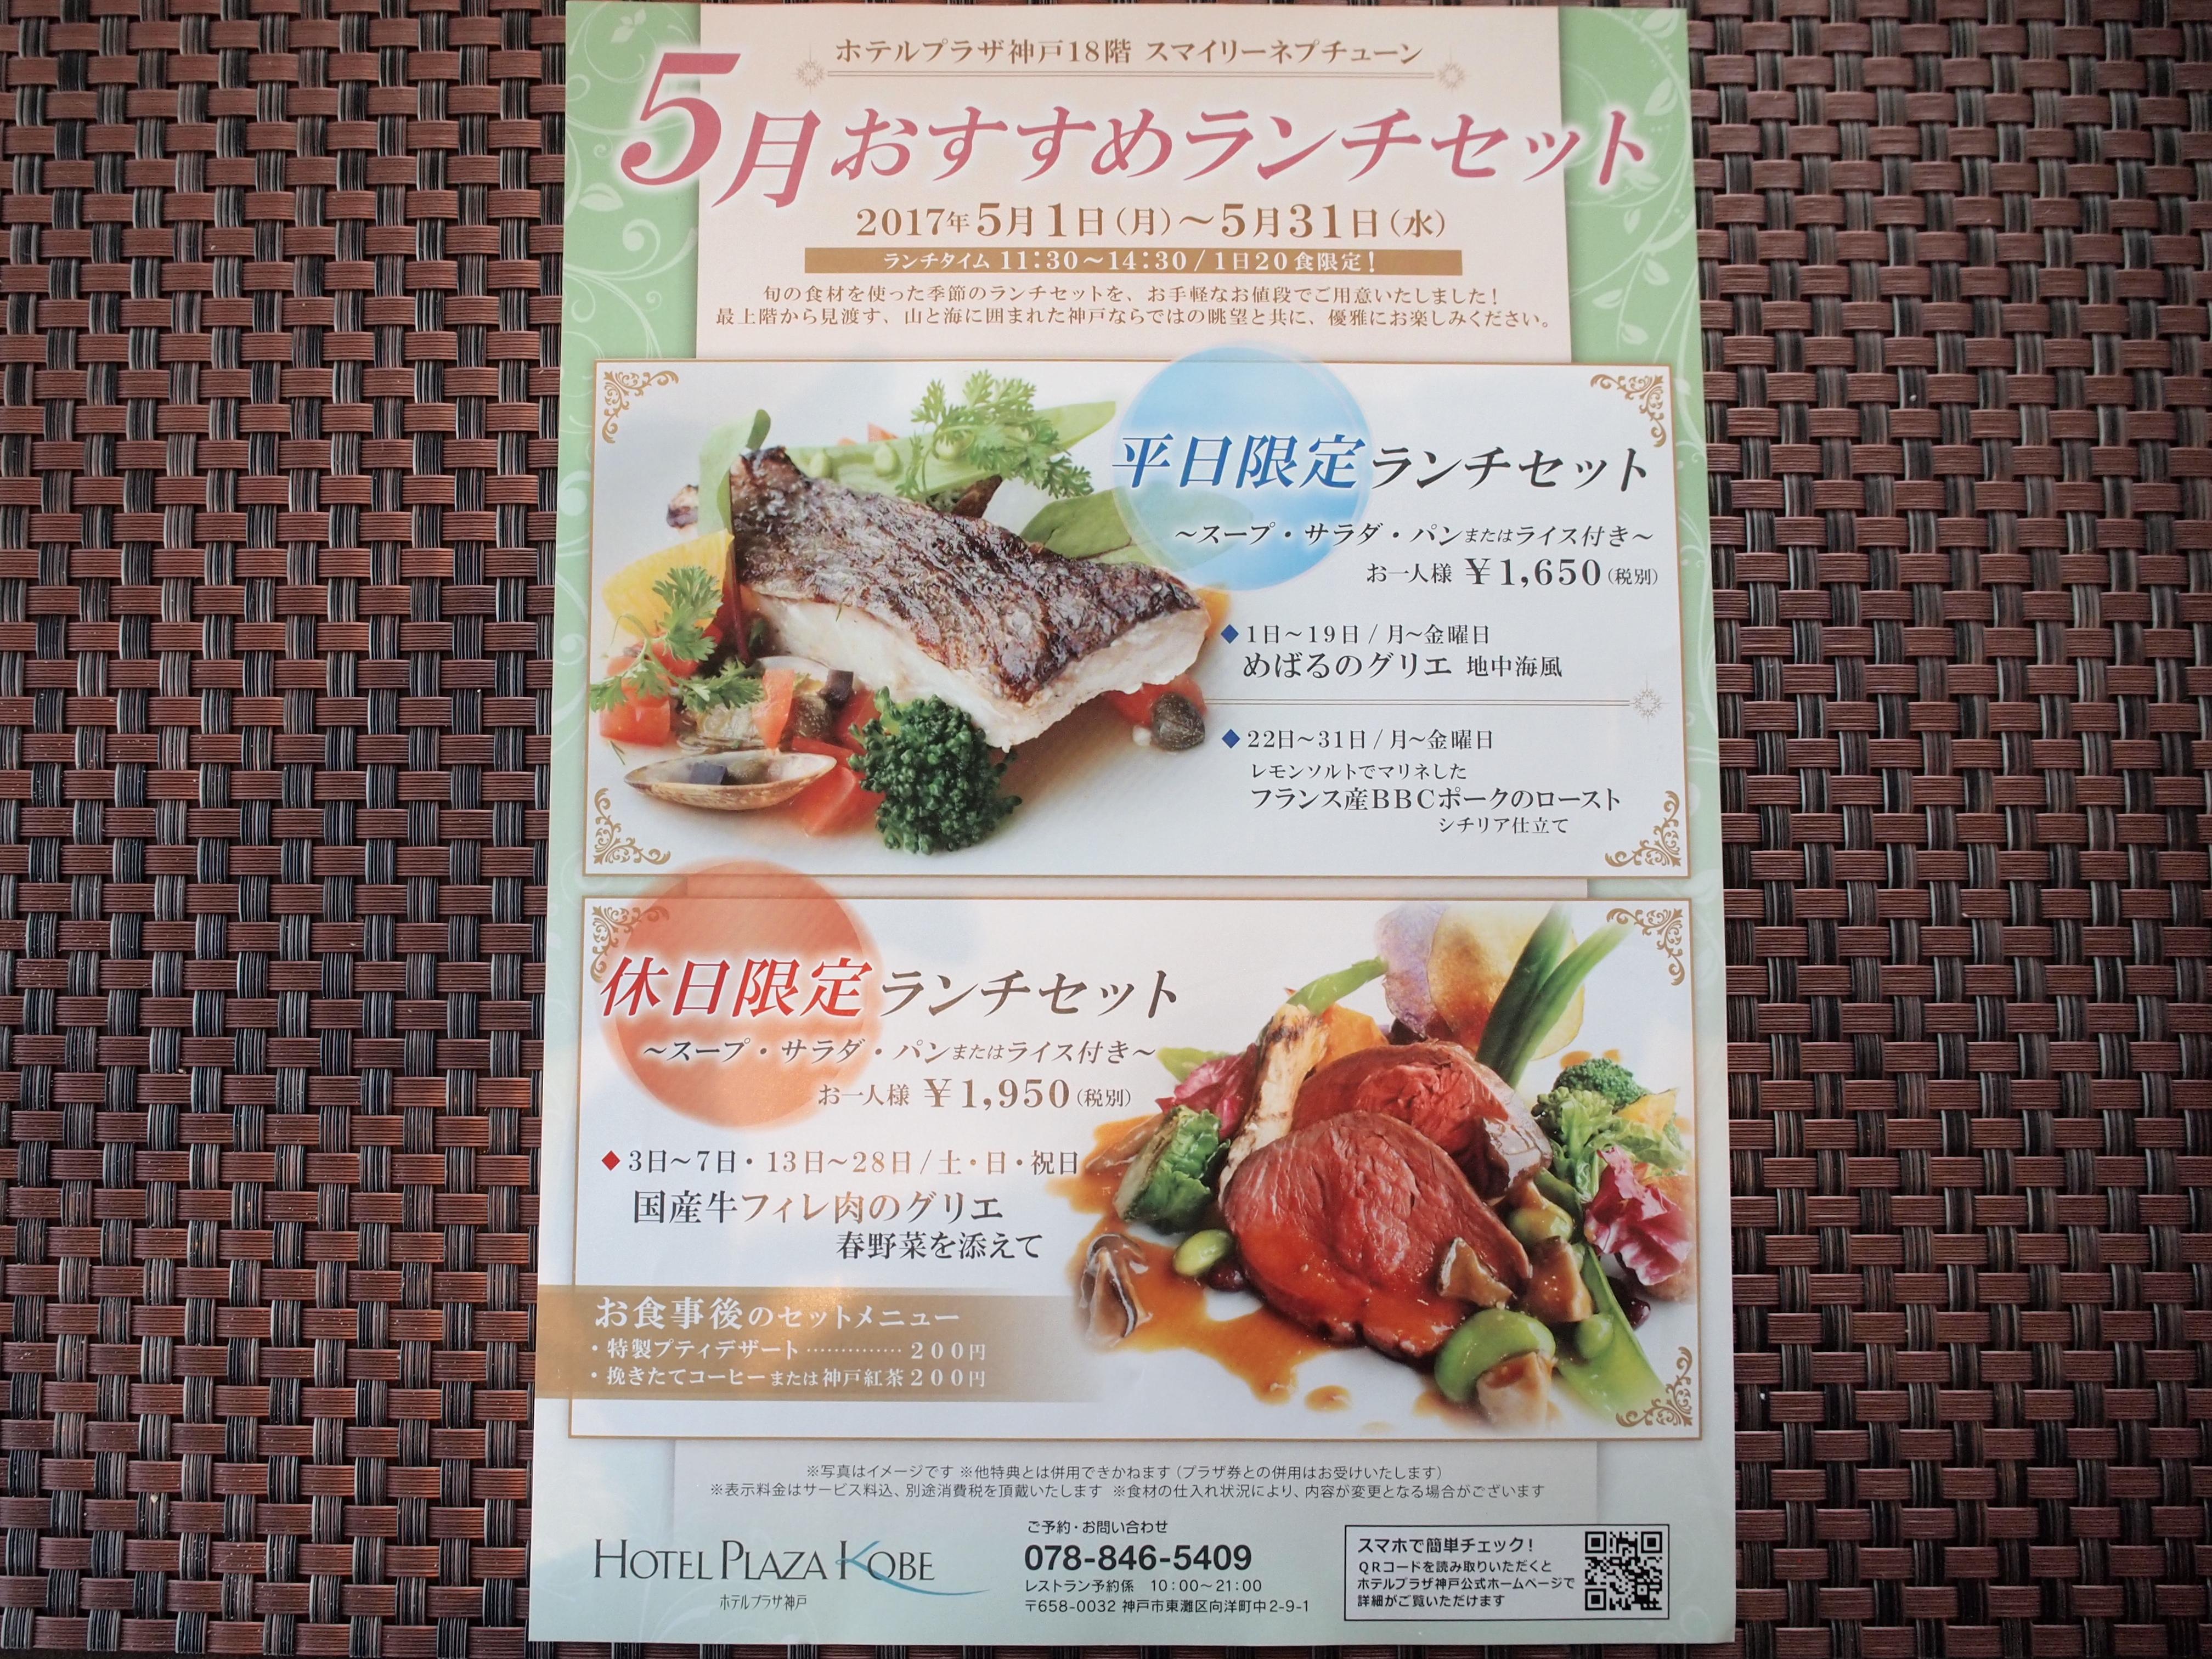 ホテルプラザ神戸 スマイリーネプチューン ランチ メニュー ランチセット